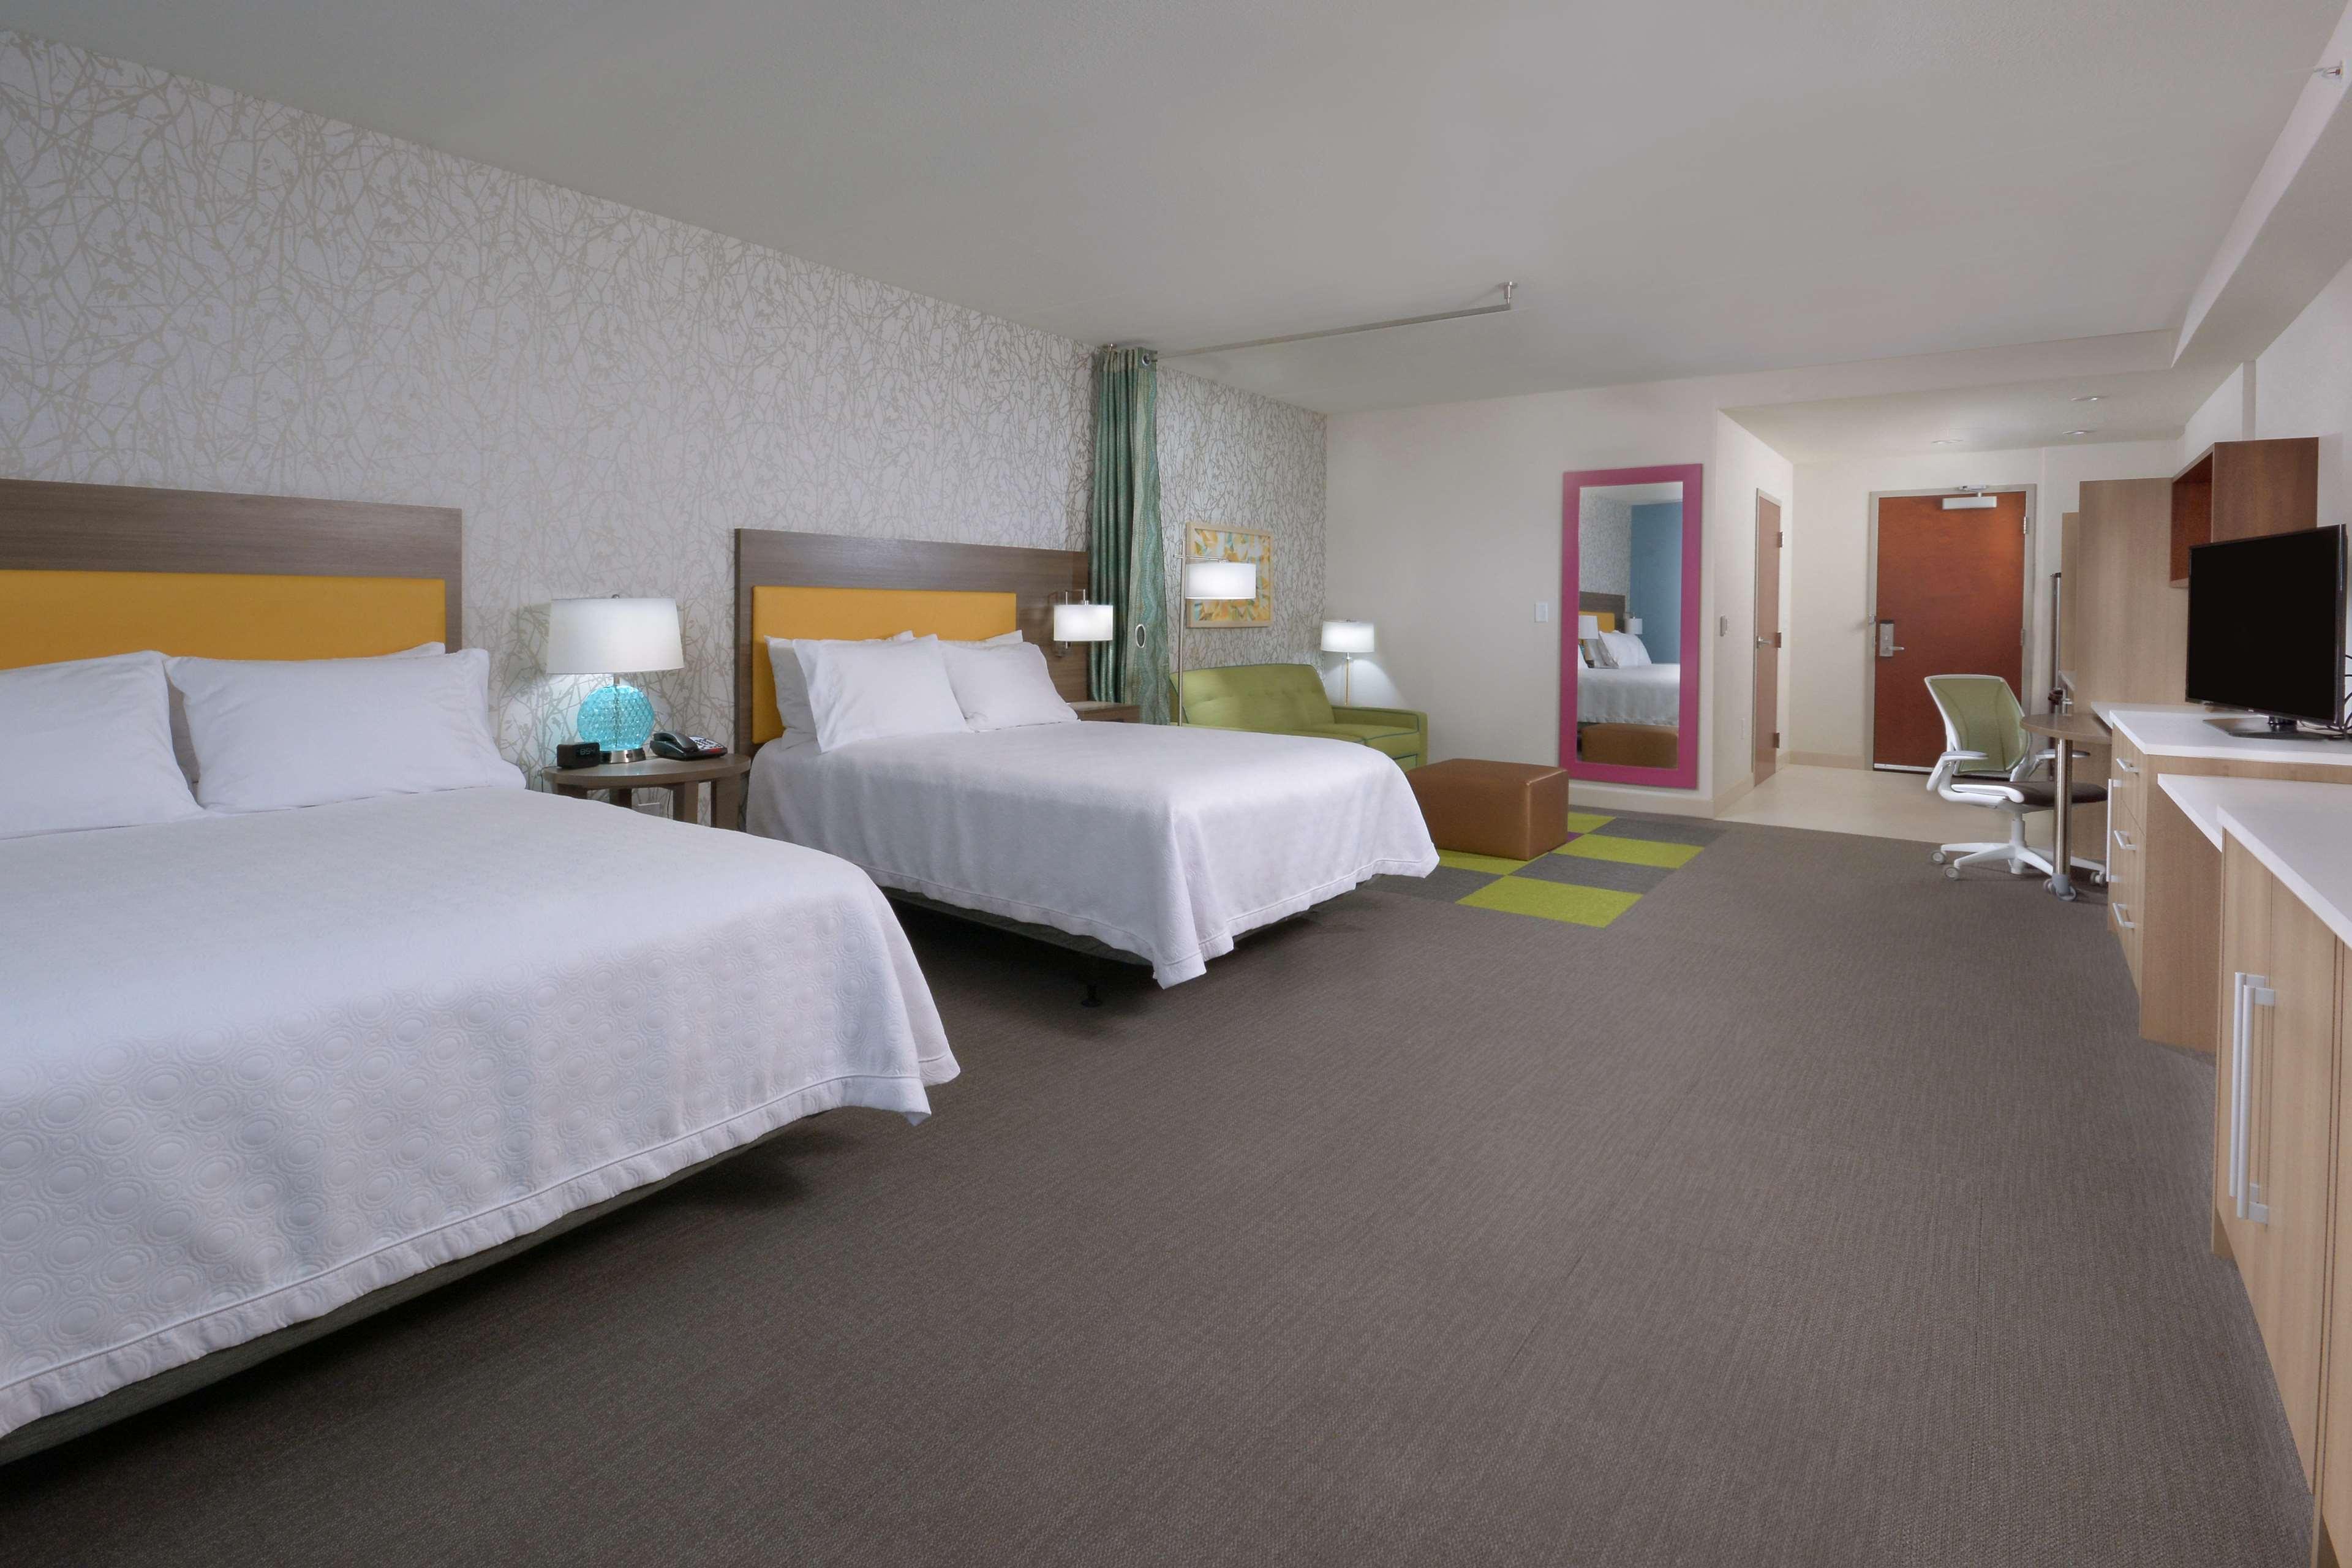 Home2 Suites by Hilton Duncan image 32